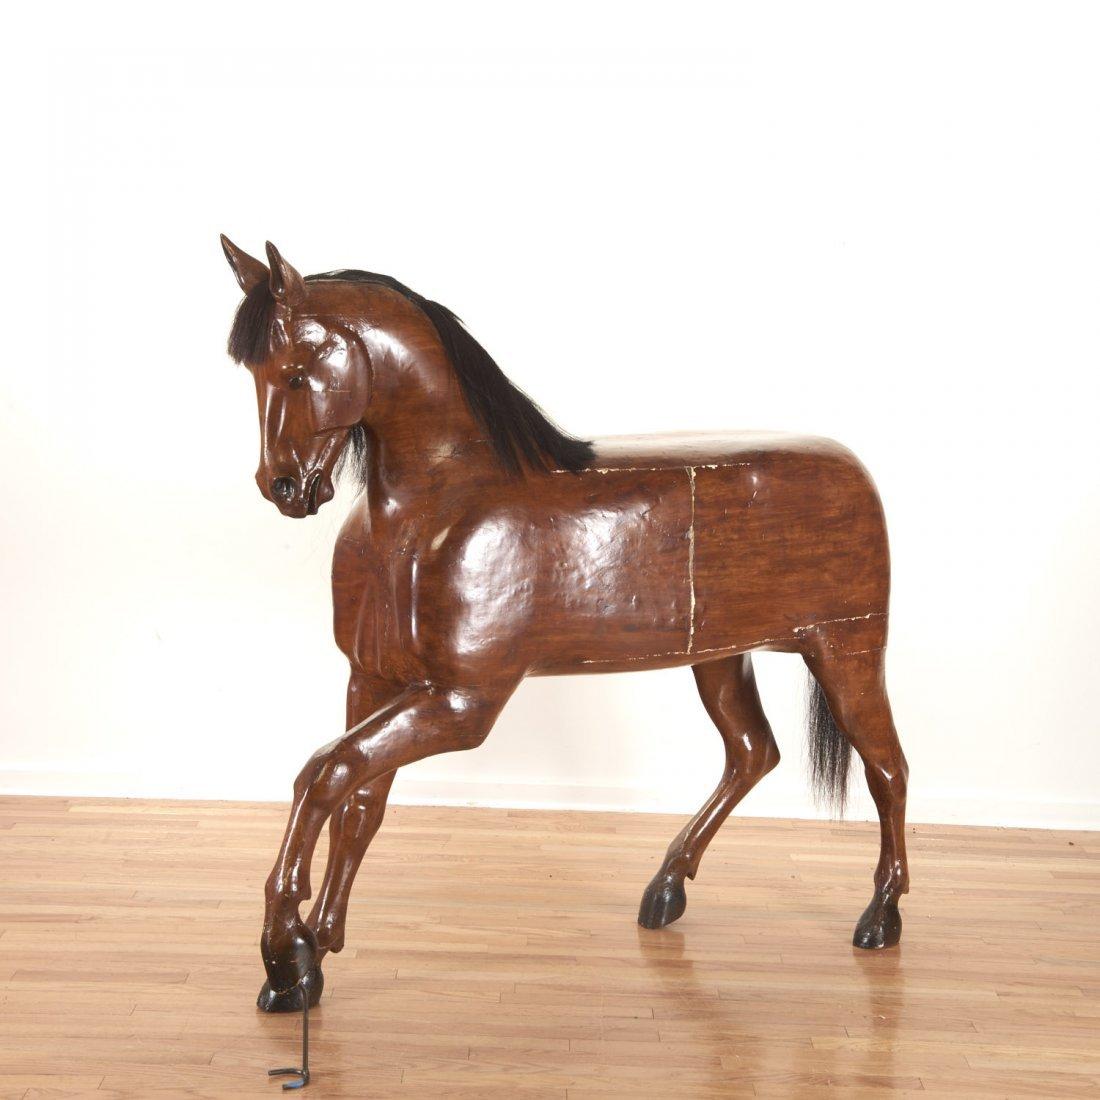 Antique tack shop/saddlery horse mannequin - 3